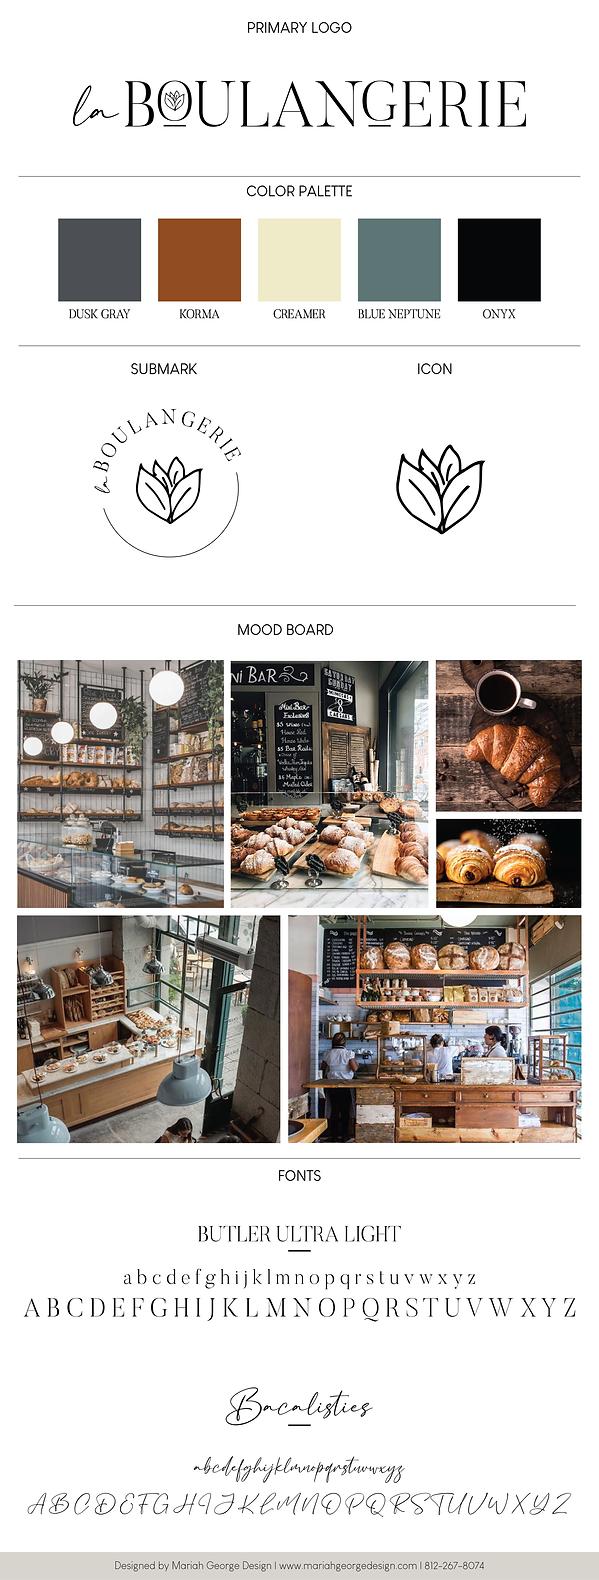 La Boulangerie Branding